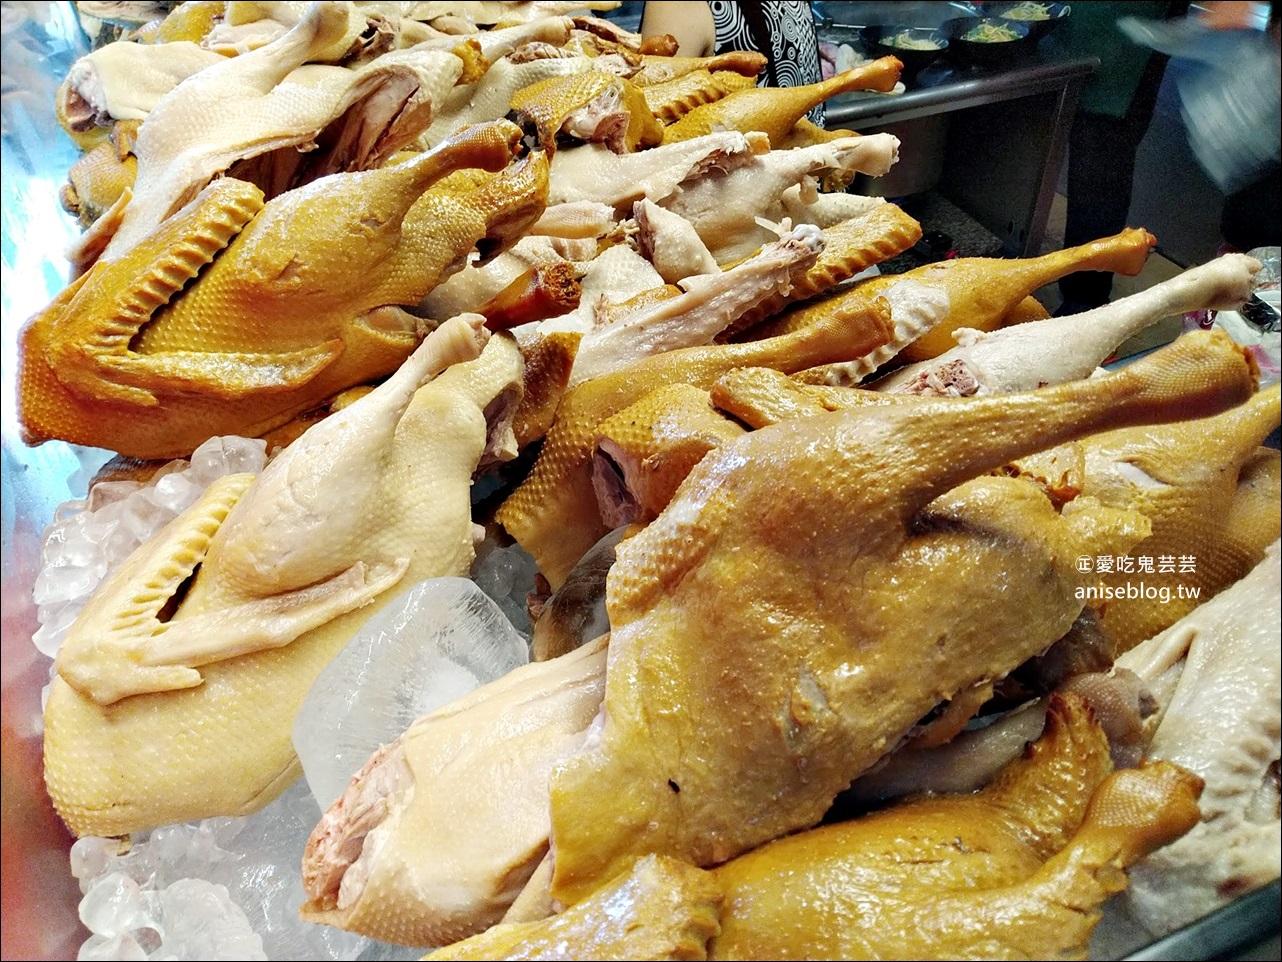 後驛鵝肉店(原阿霞鵝肉),台北後火車站小吃老店、華陰街商圈美食(姊姊食記) @愛吃鬼芸芸